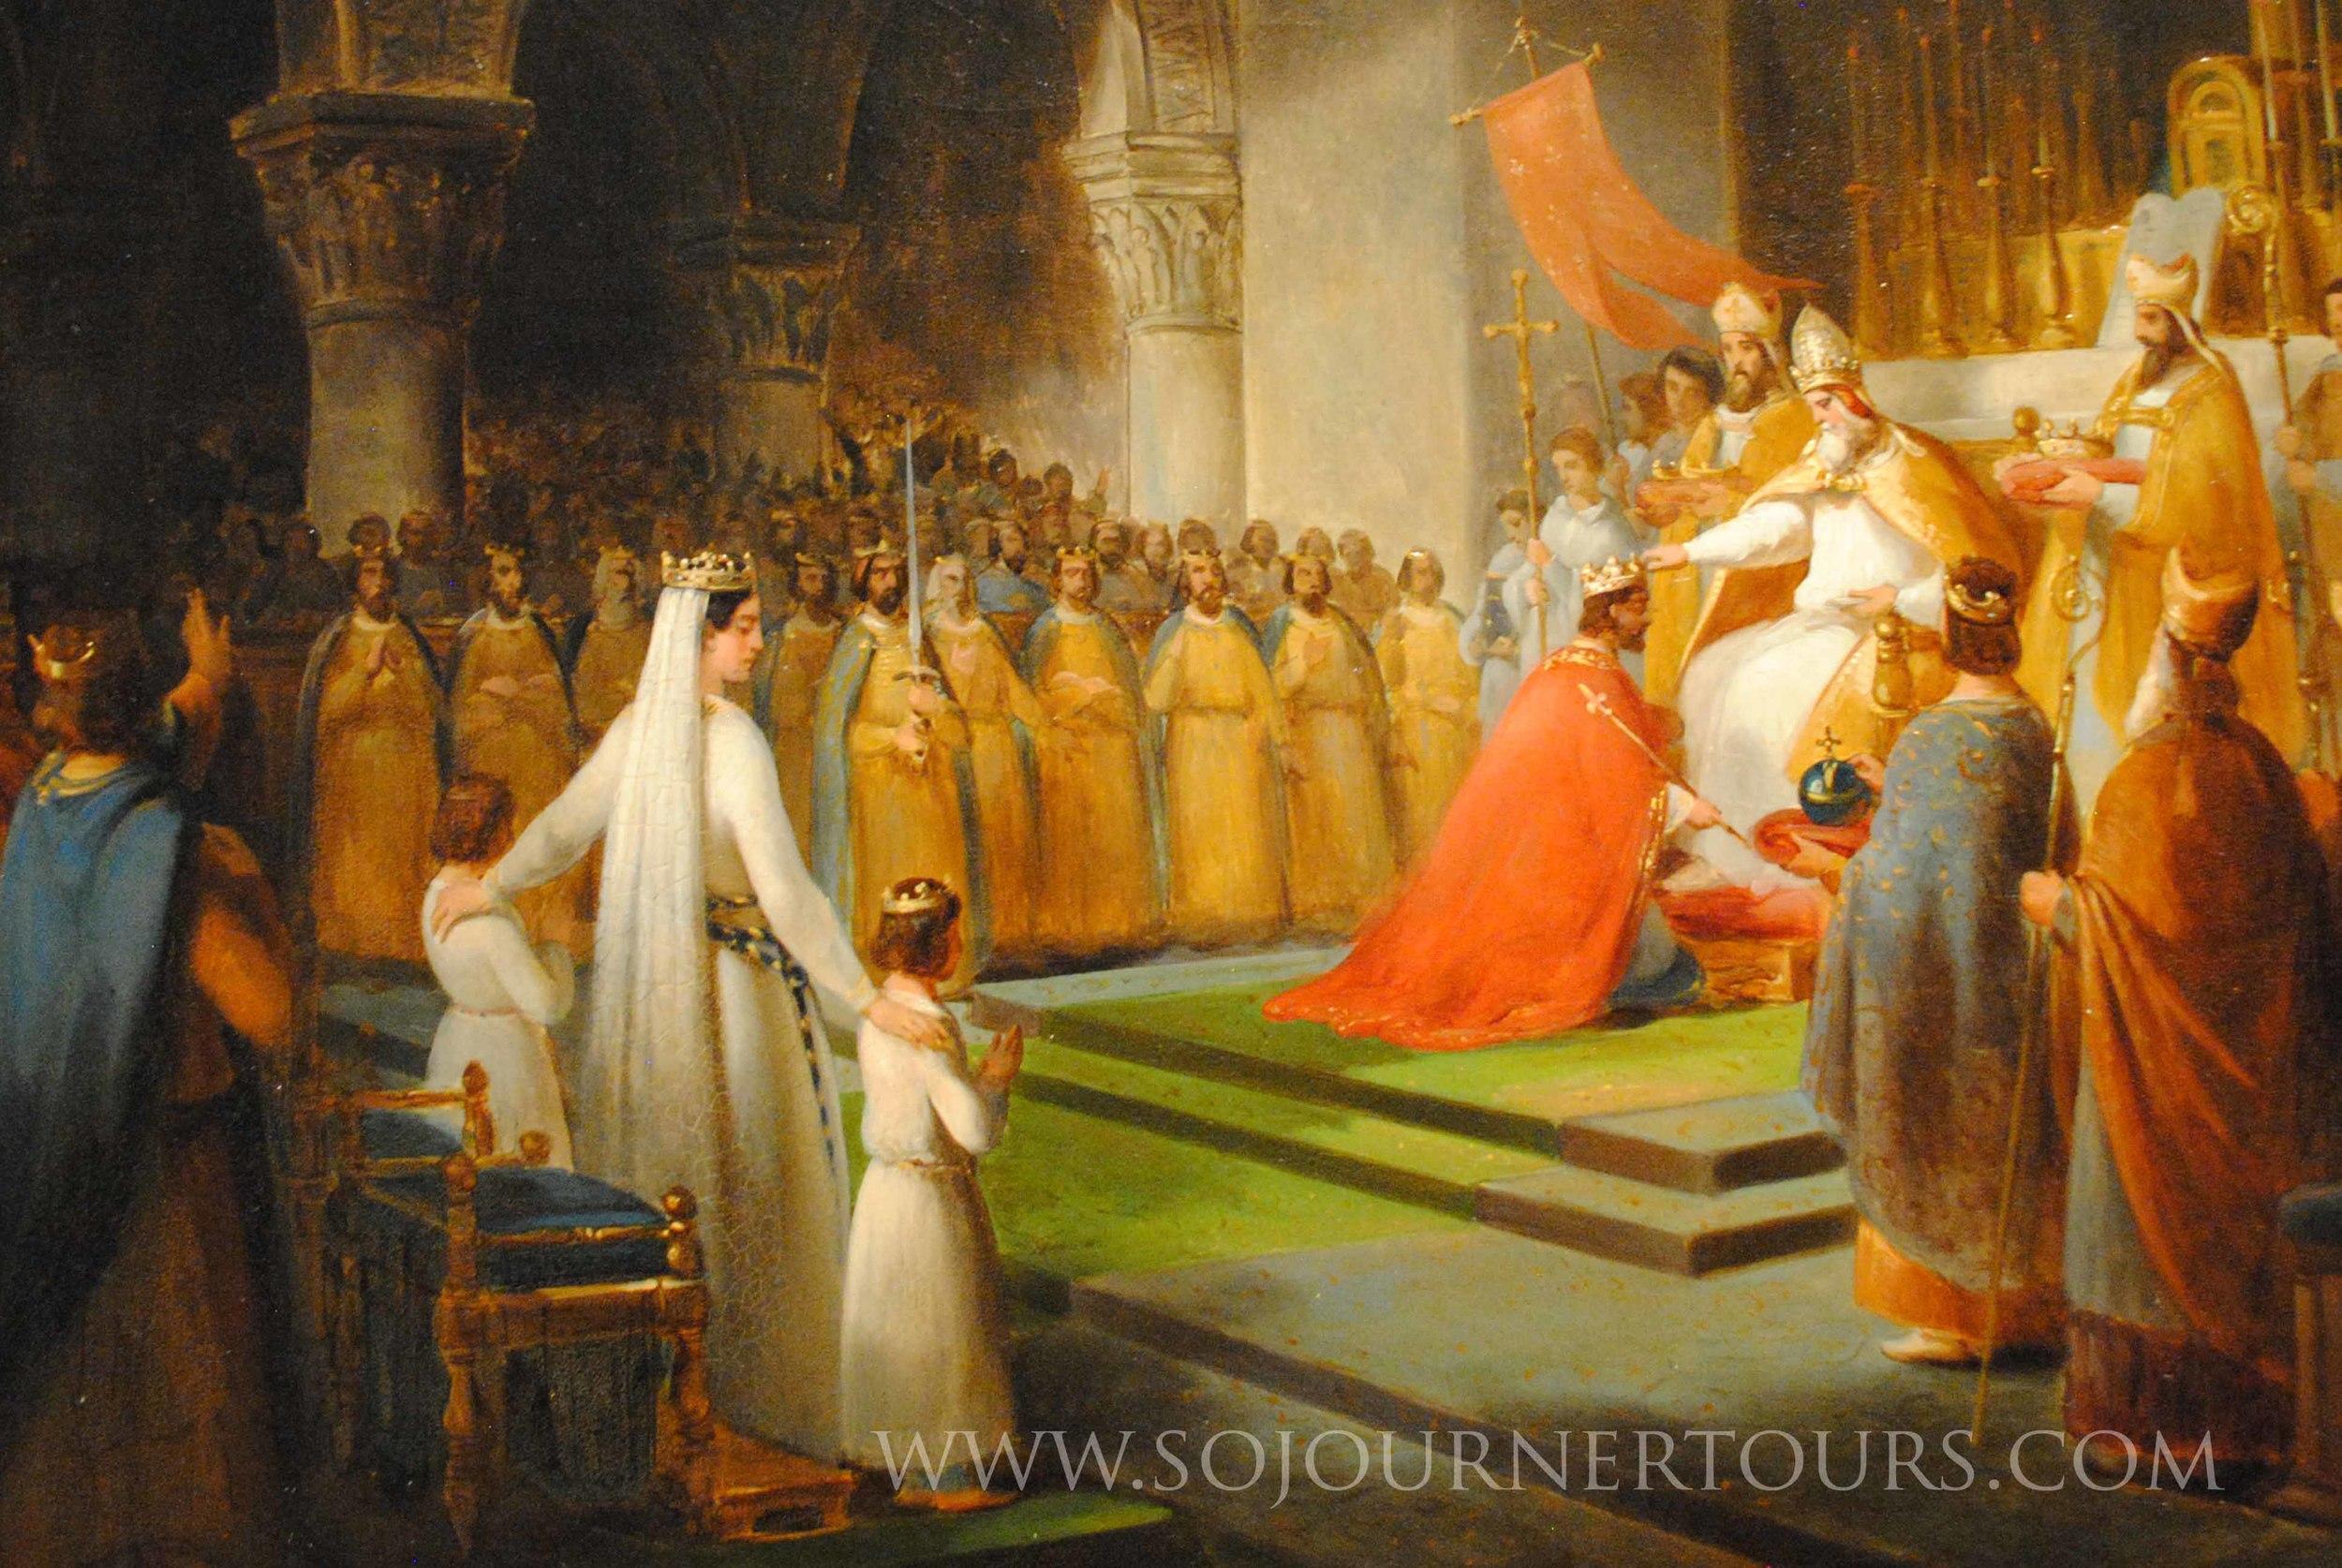 Reims, France (Sojourner Tours)